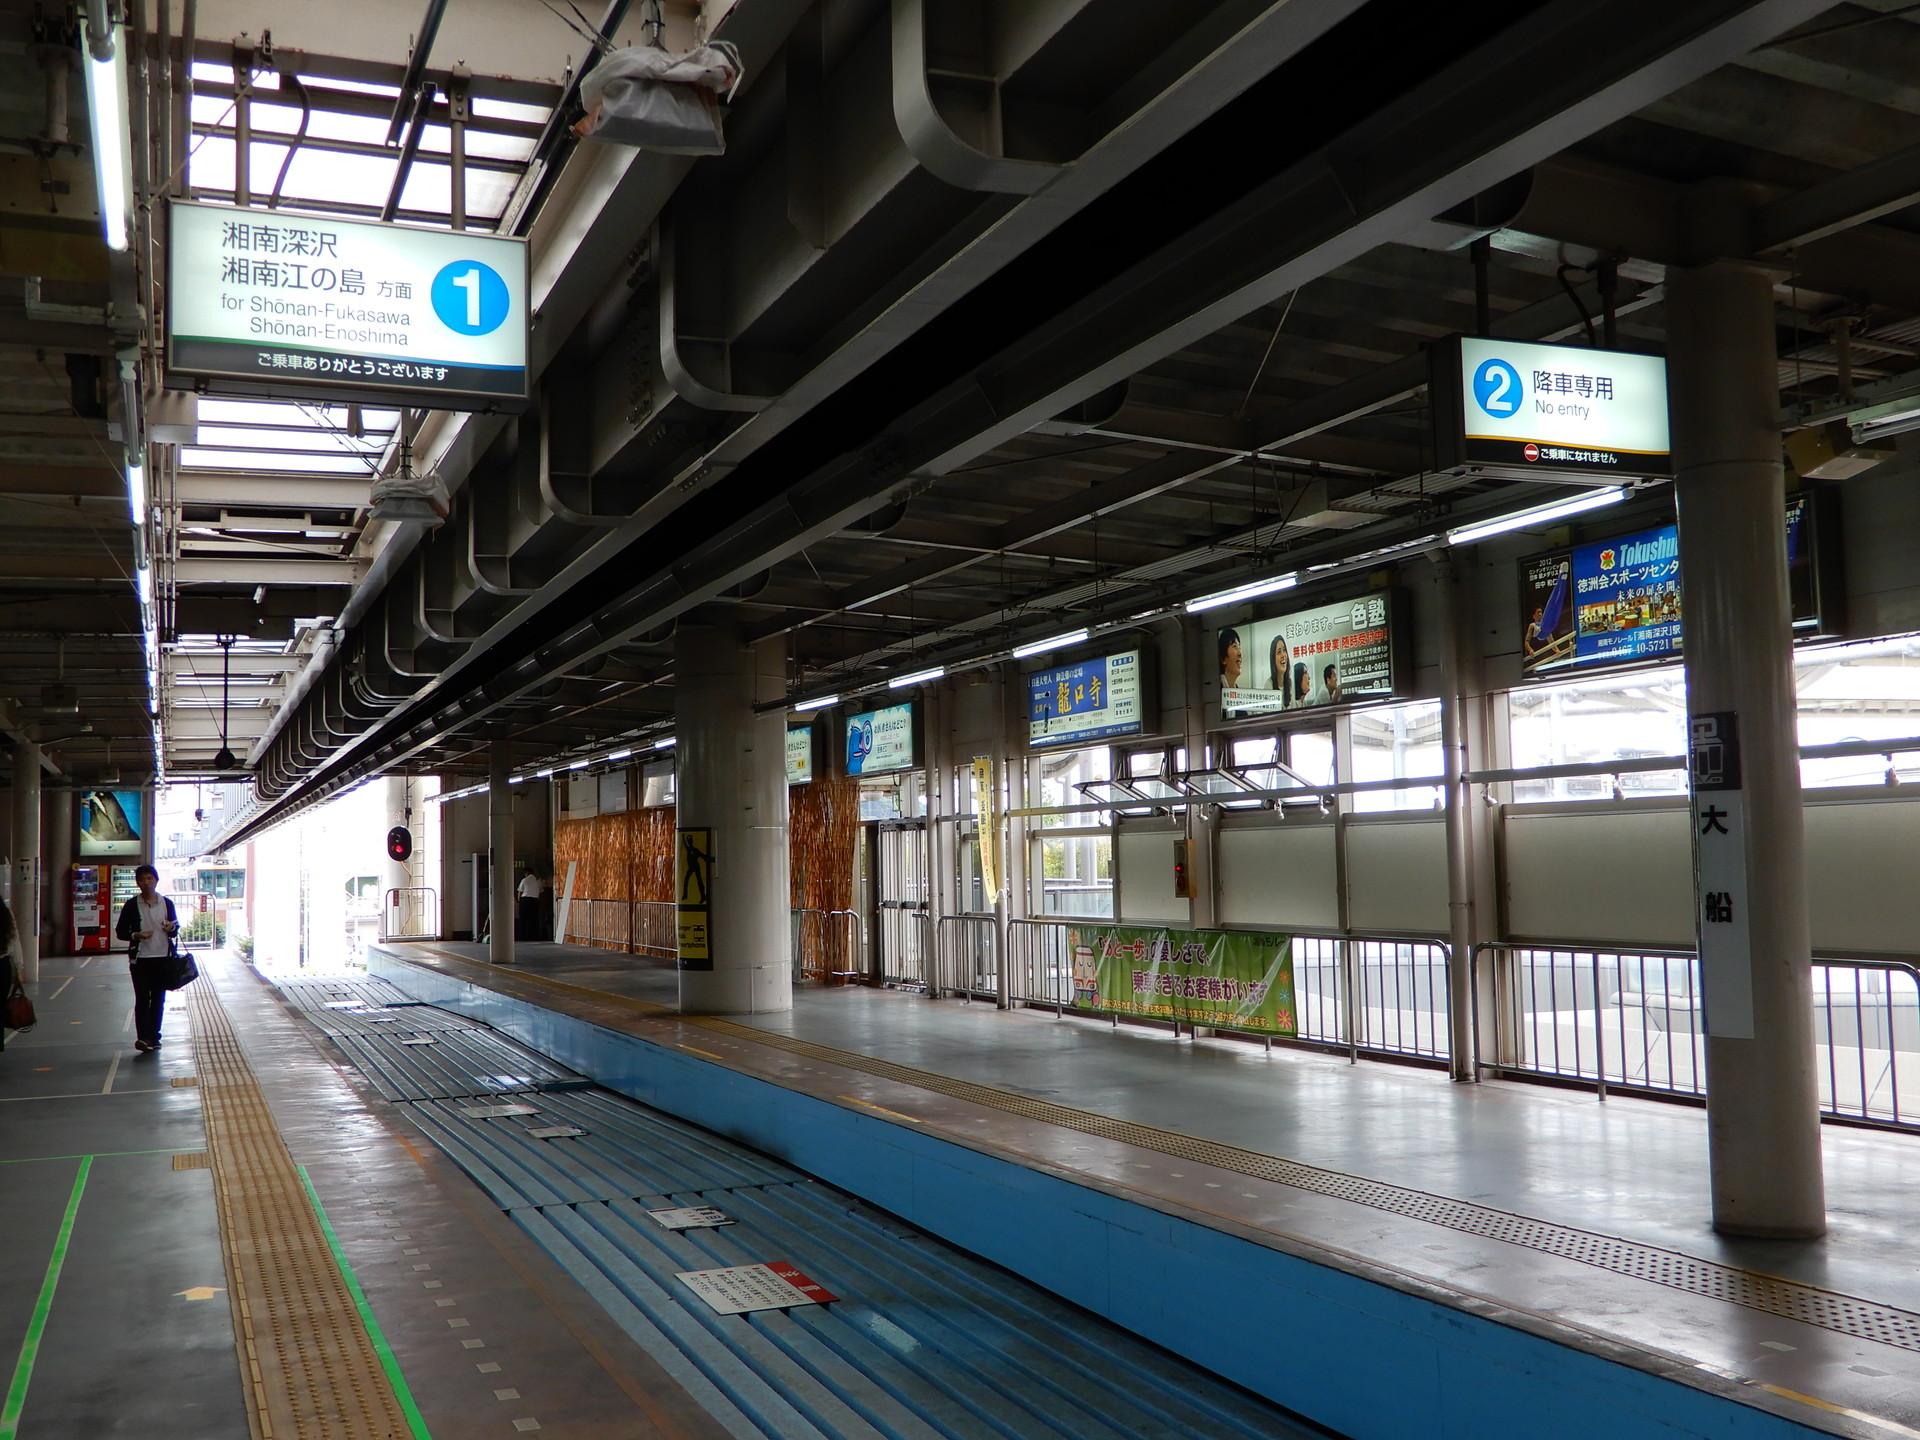 大船駅の番線表示